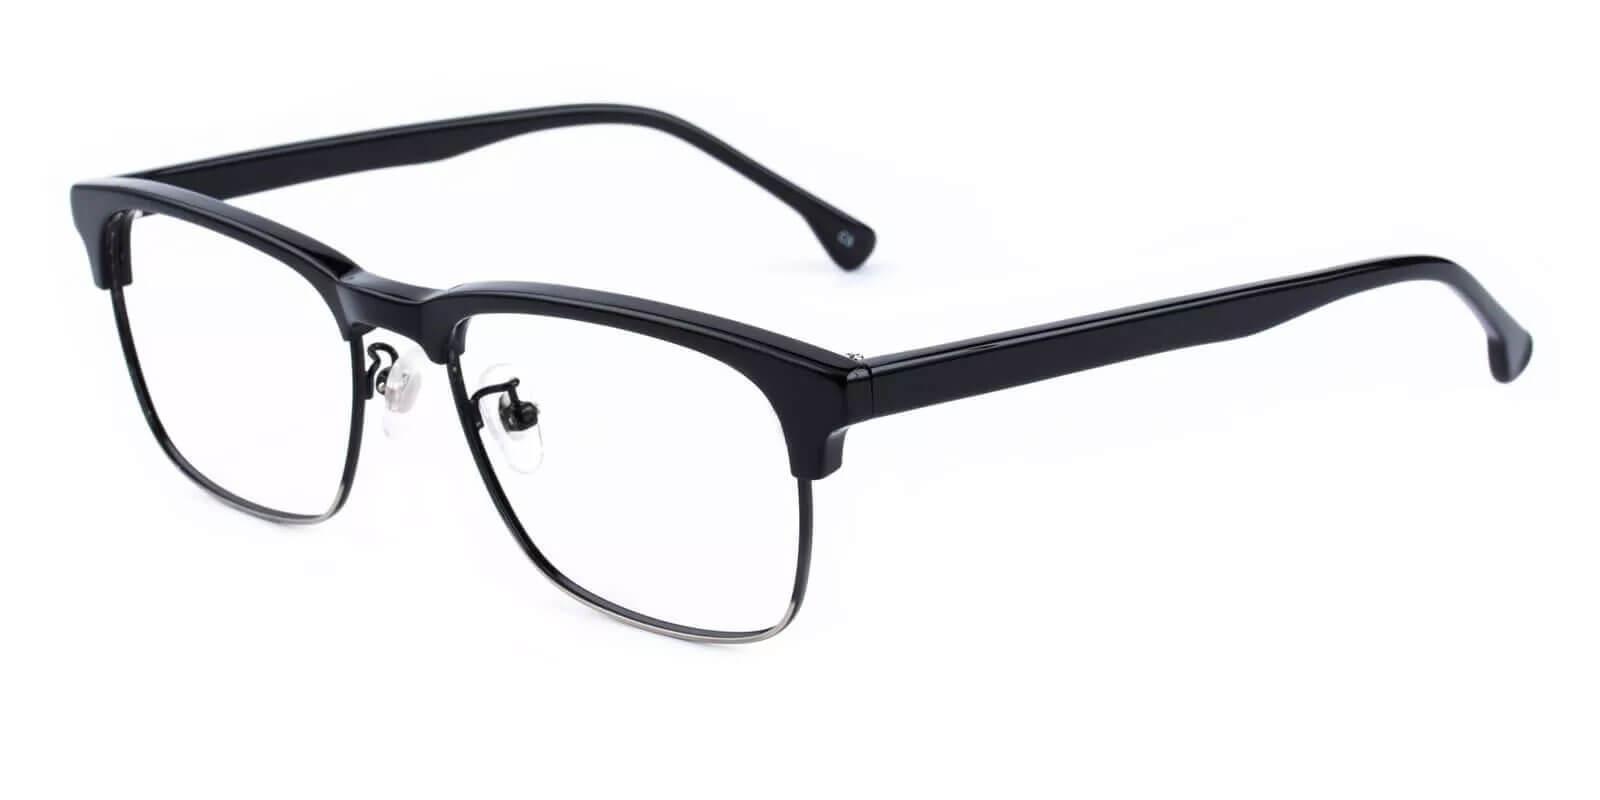 Joseph Black Combination Eyeglasses , NosePads Frames from ABBE Glasses